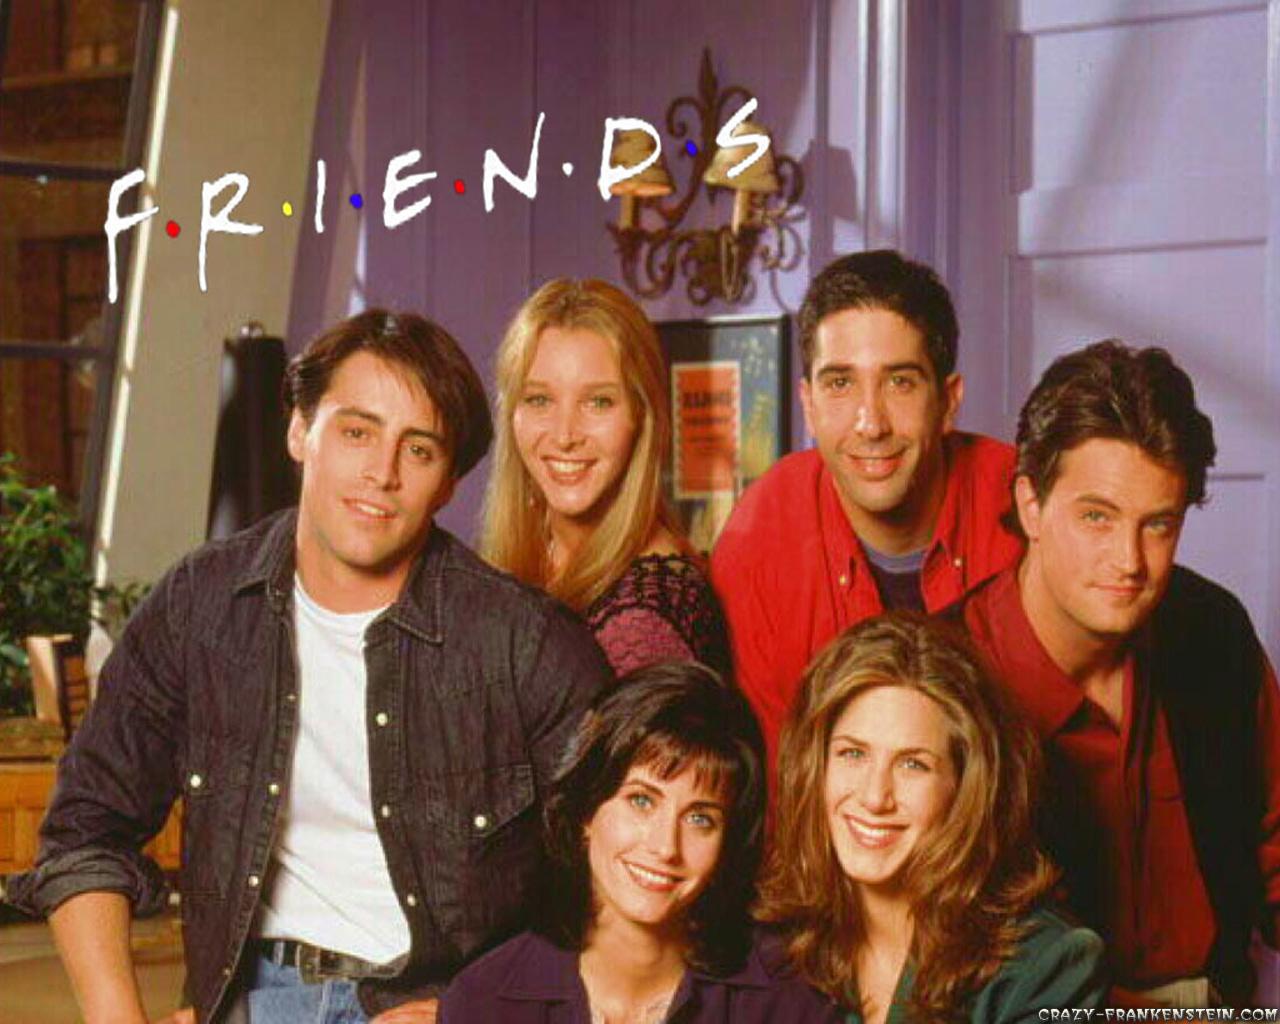 friends d wallpaper - photo #14